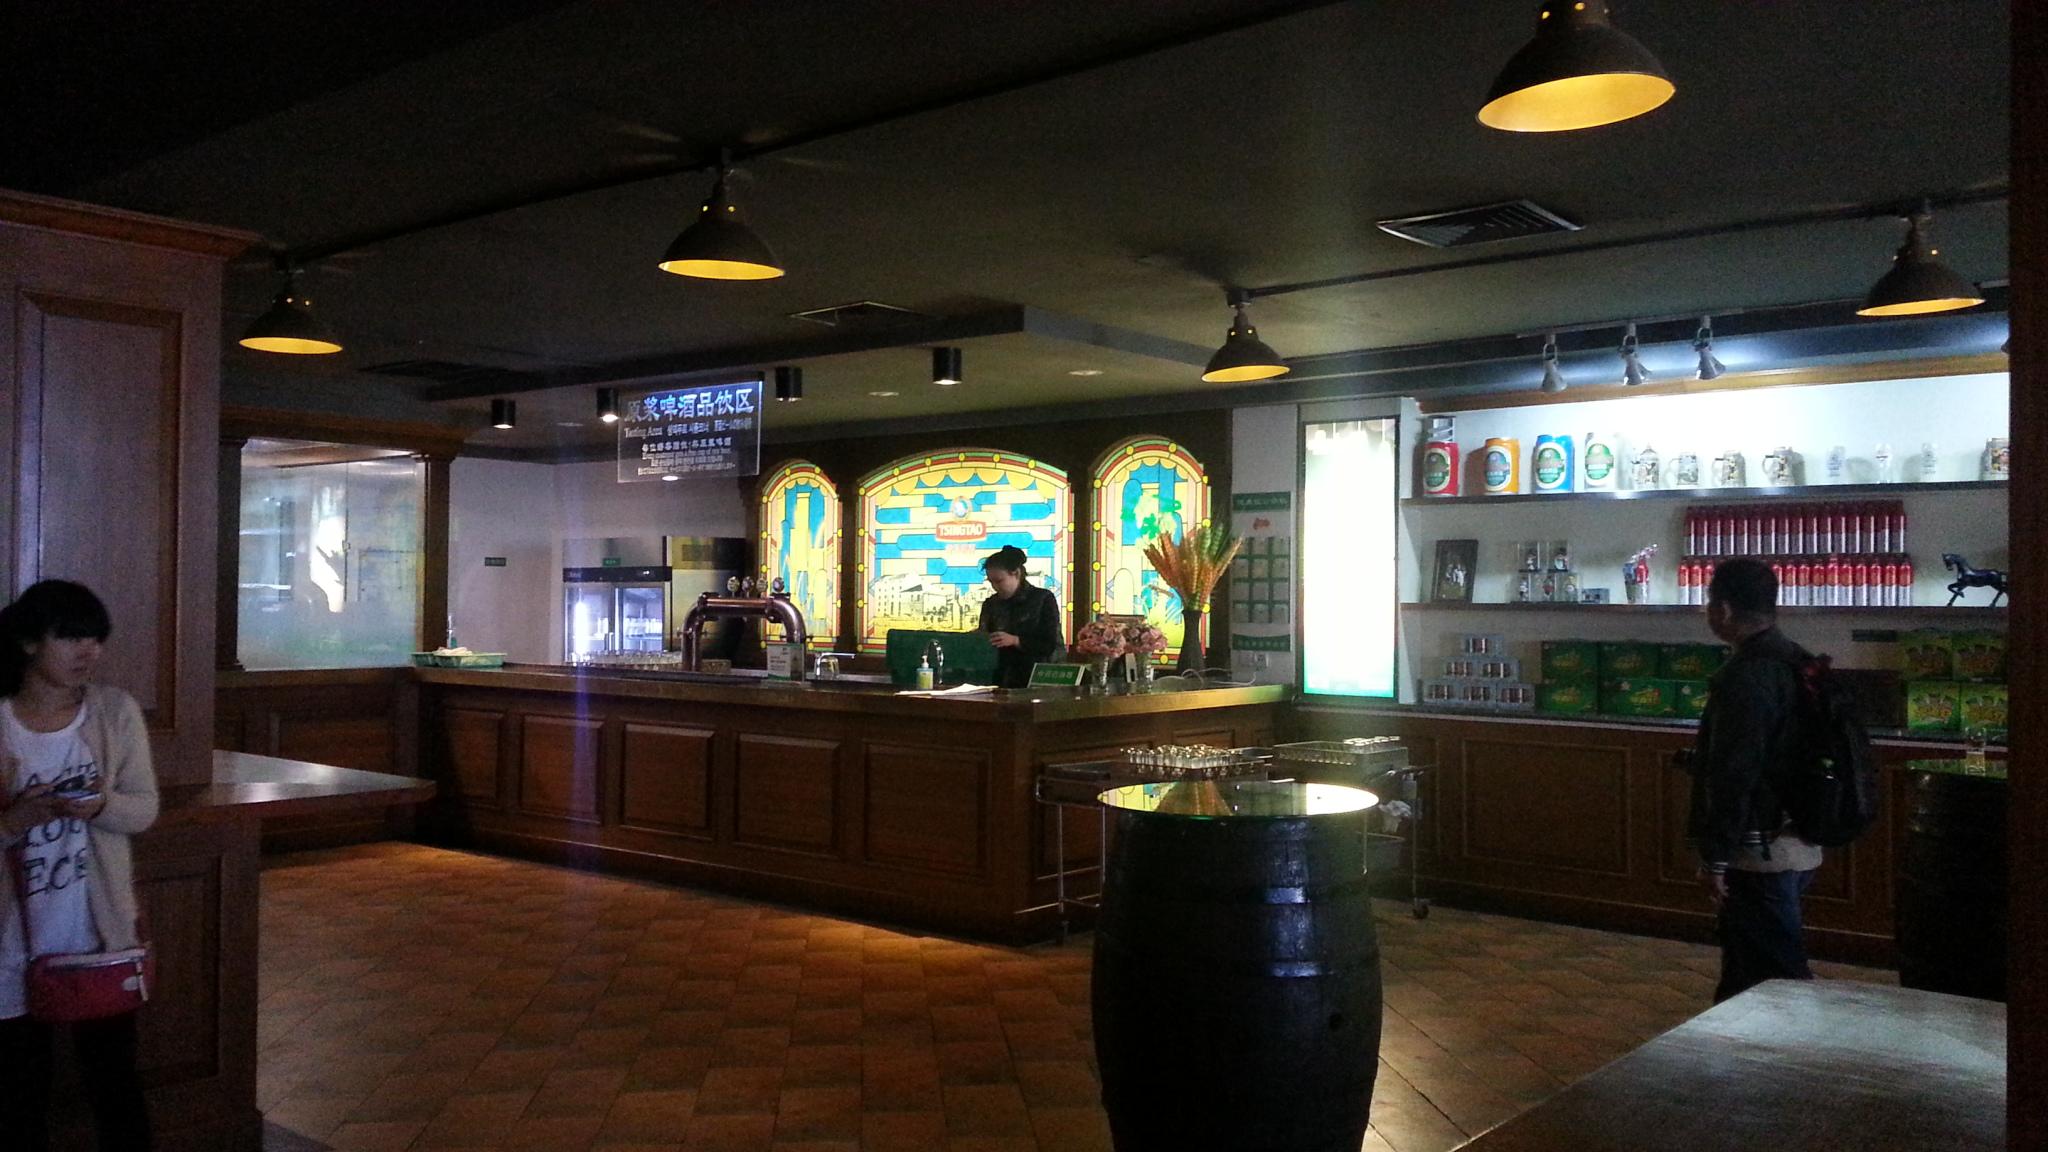 青岛啤酒博物馆,青岛青岛啤酒博物馆攻略/地址/图片